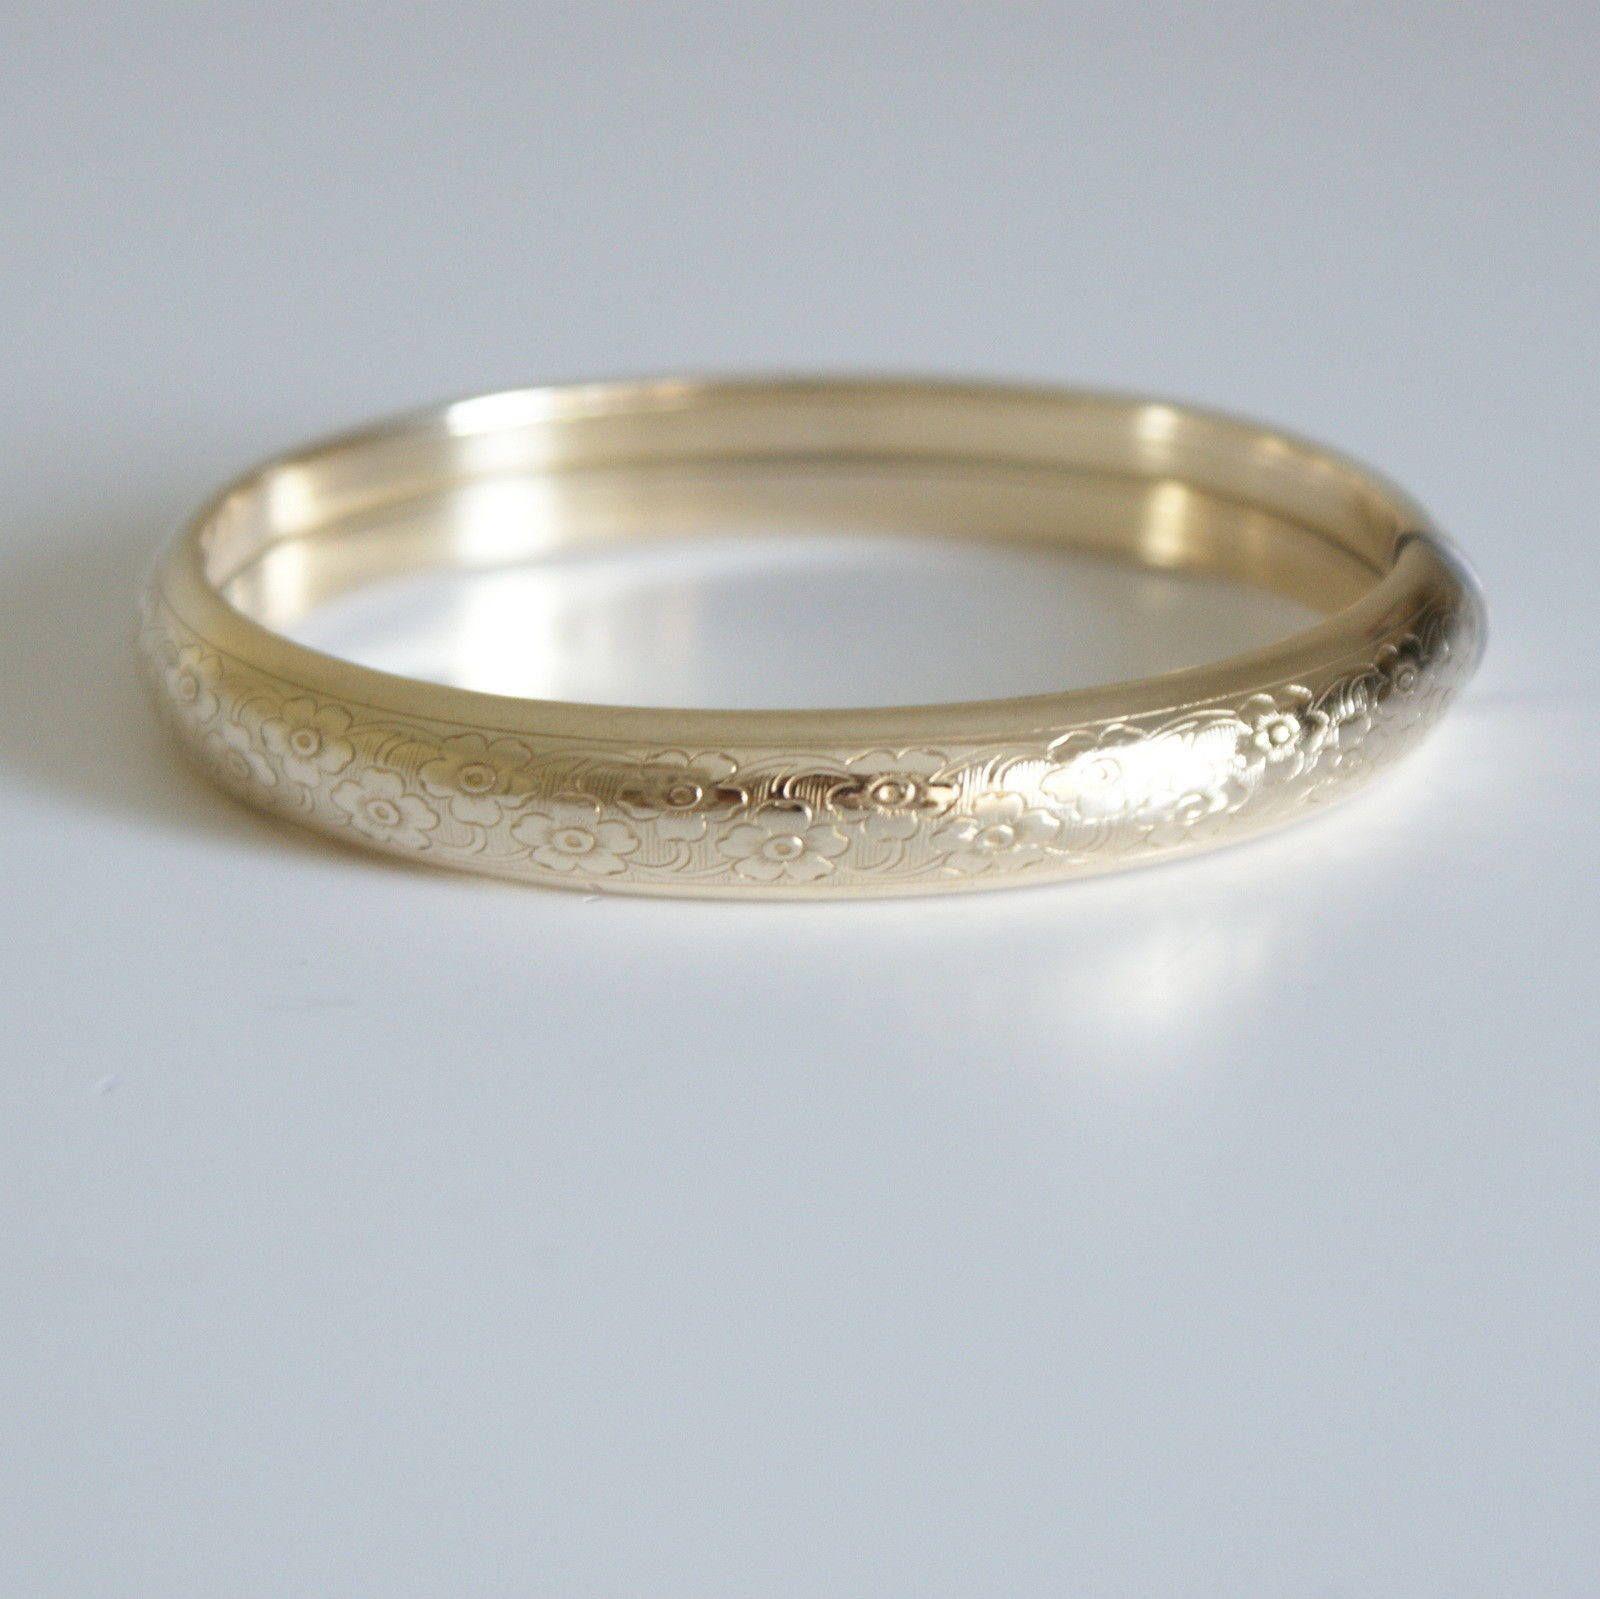 Antique Gold Filled early 1900s Bangle Bracelet Etched Edwardian Vintage